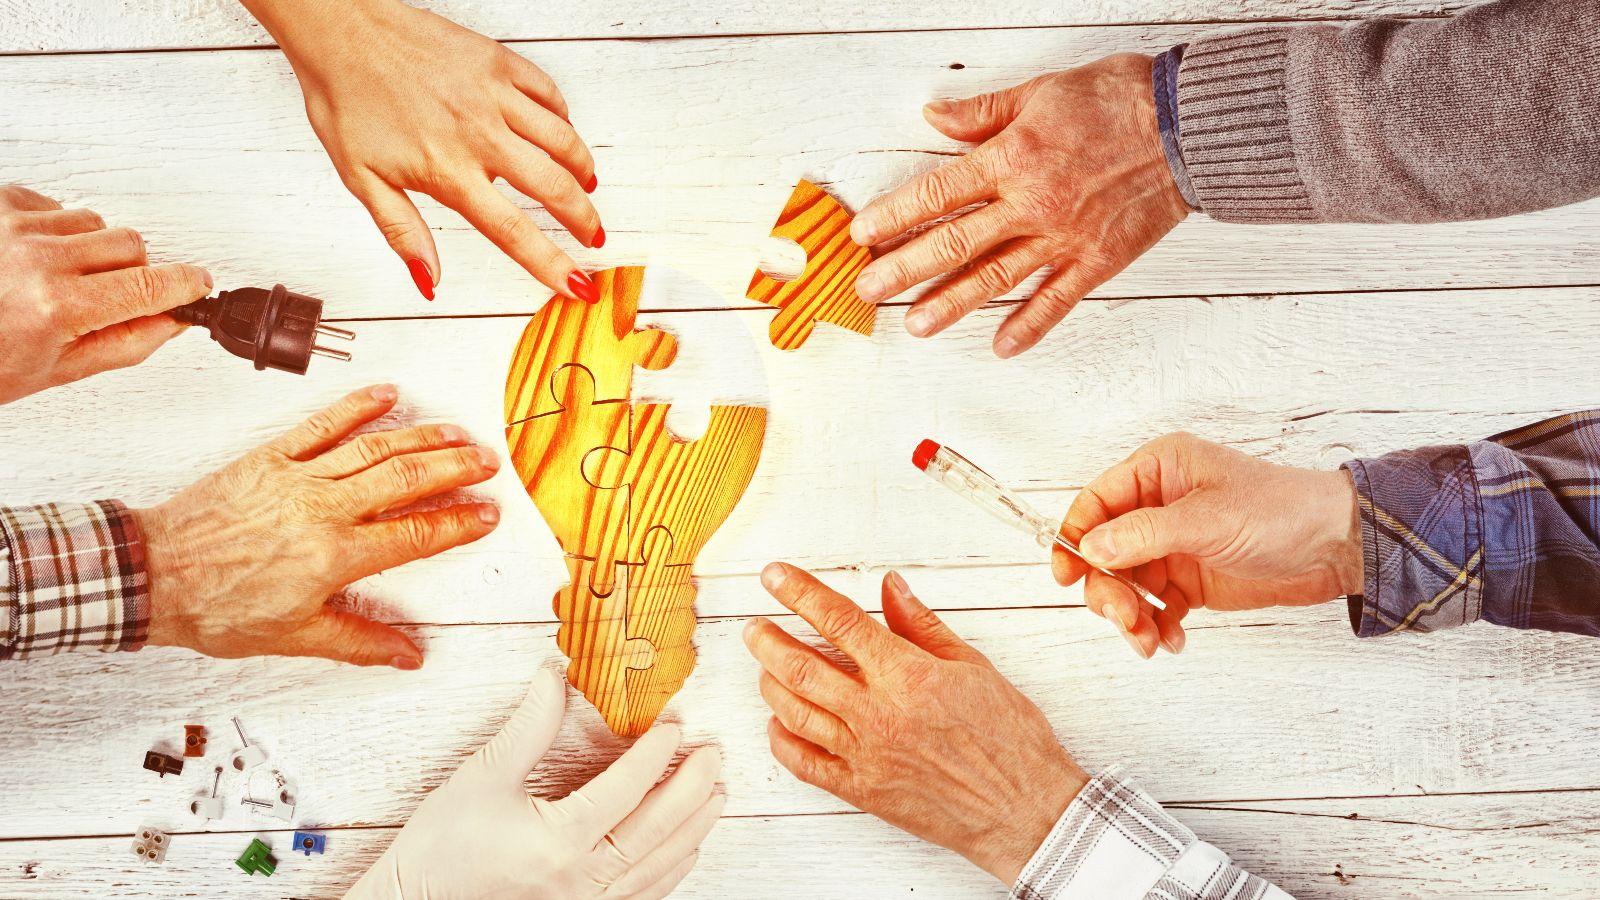 Sechs unterschiedliche Hände setzen gemeinsam ein Glühbirnen-Puzzle zusammen,  teilweise benutzen sie Hilfsmittel.